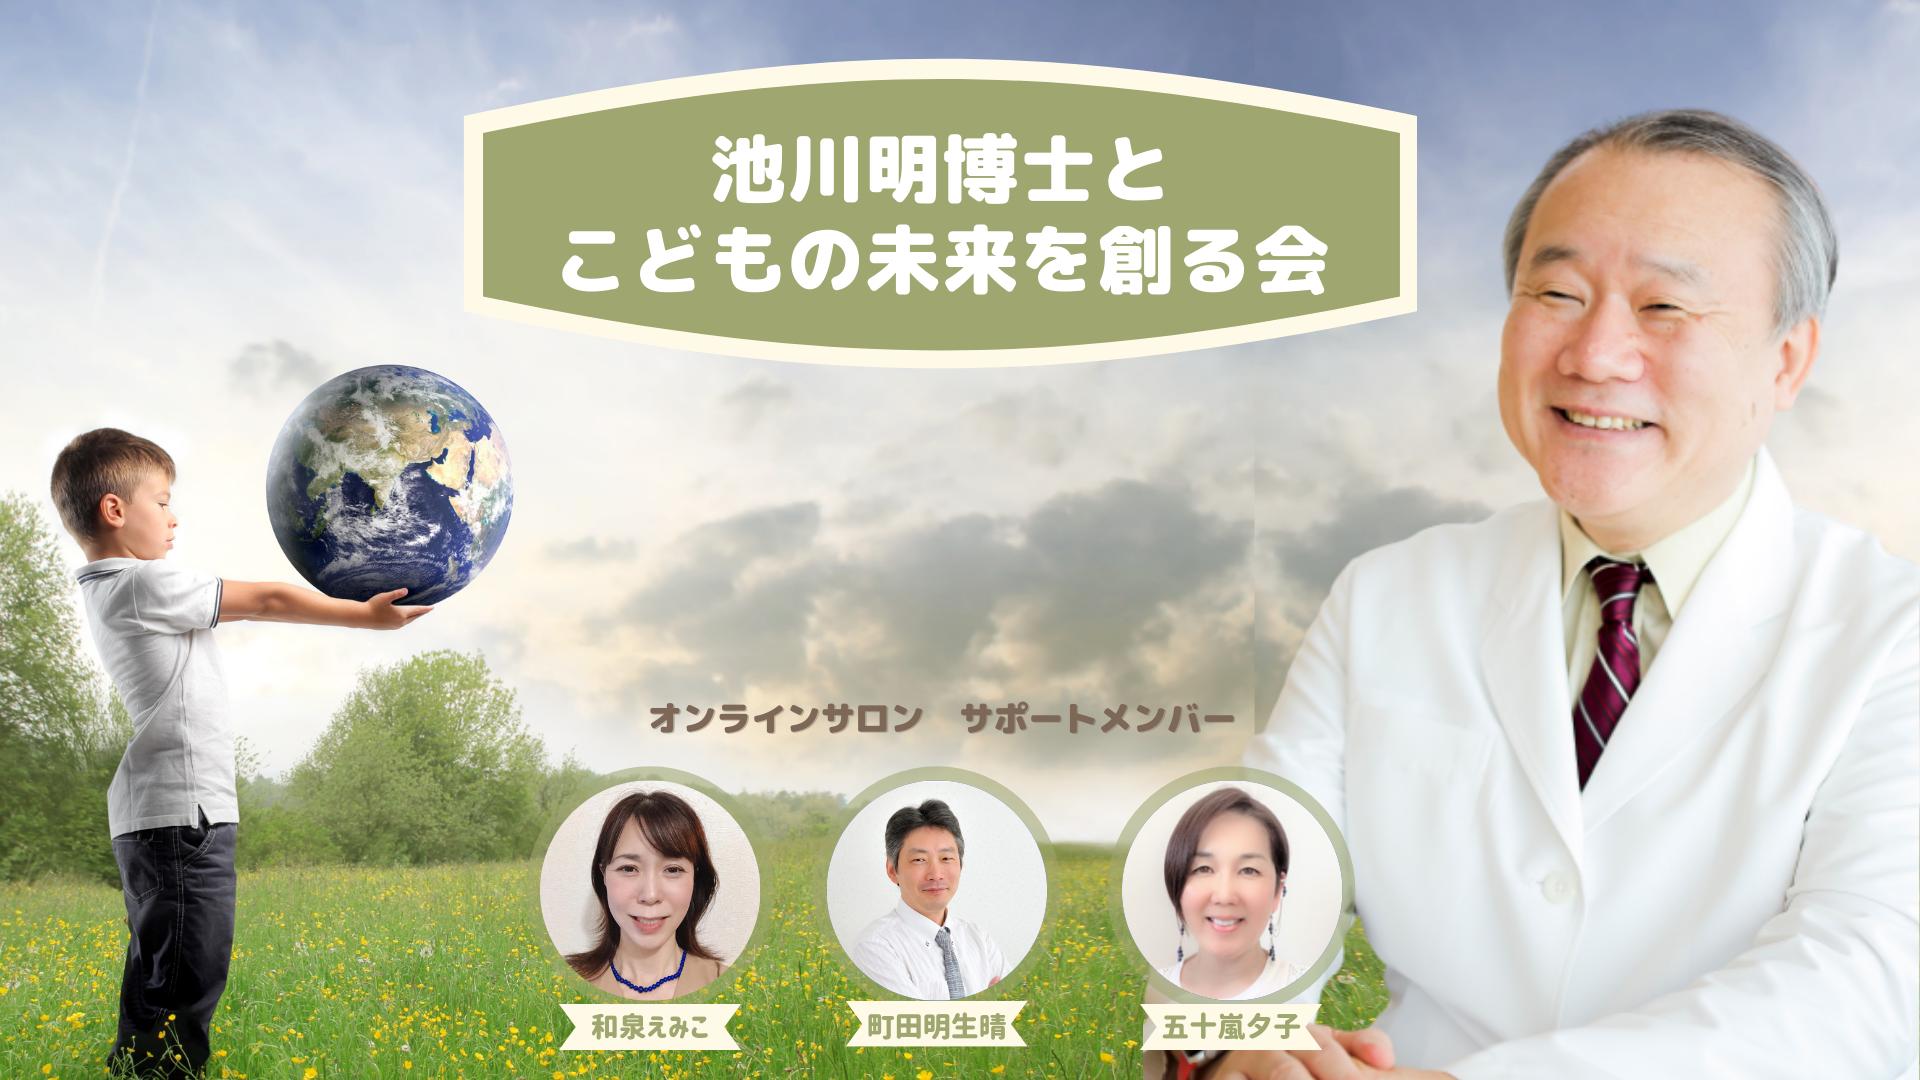 池川明博士 & ホロスアカデメイア